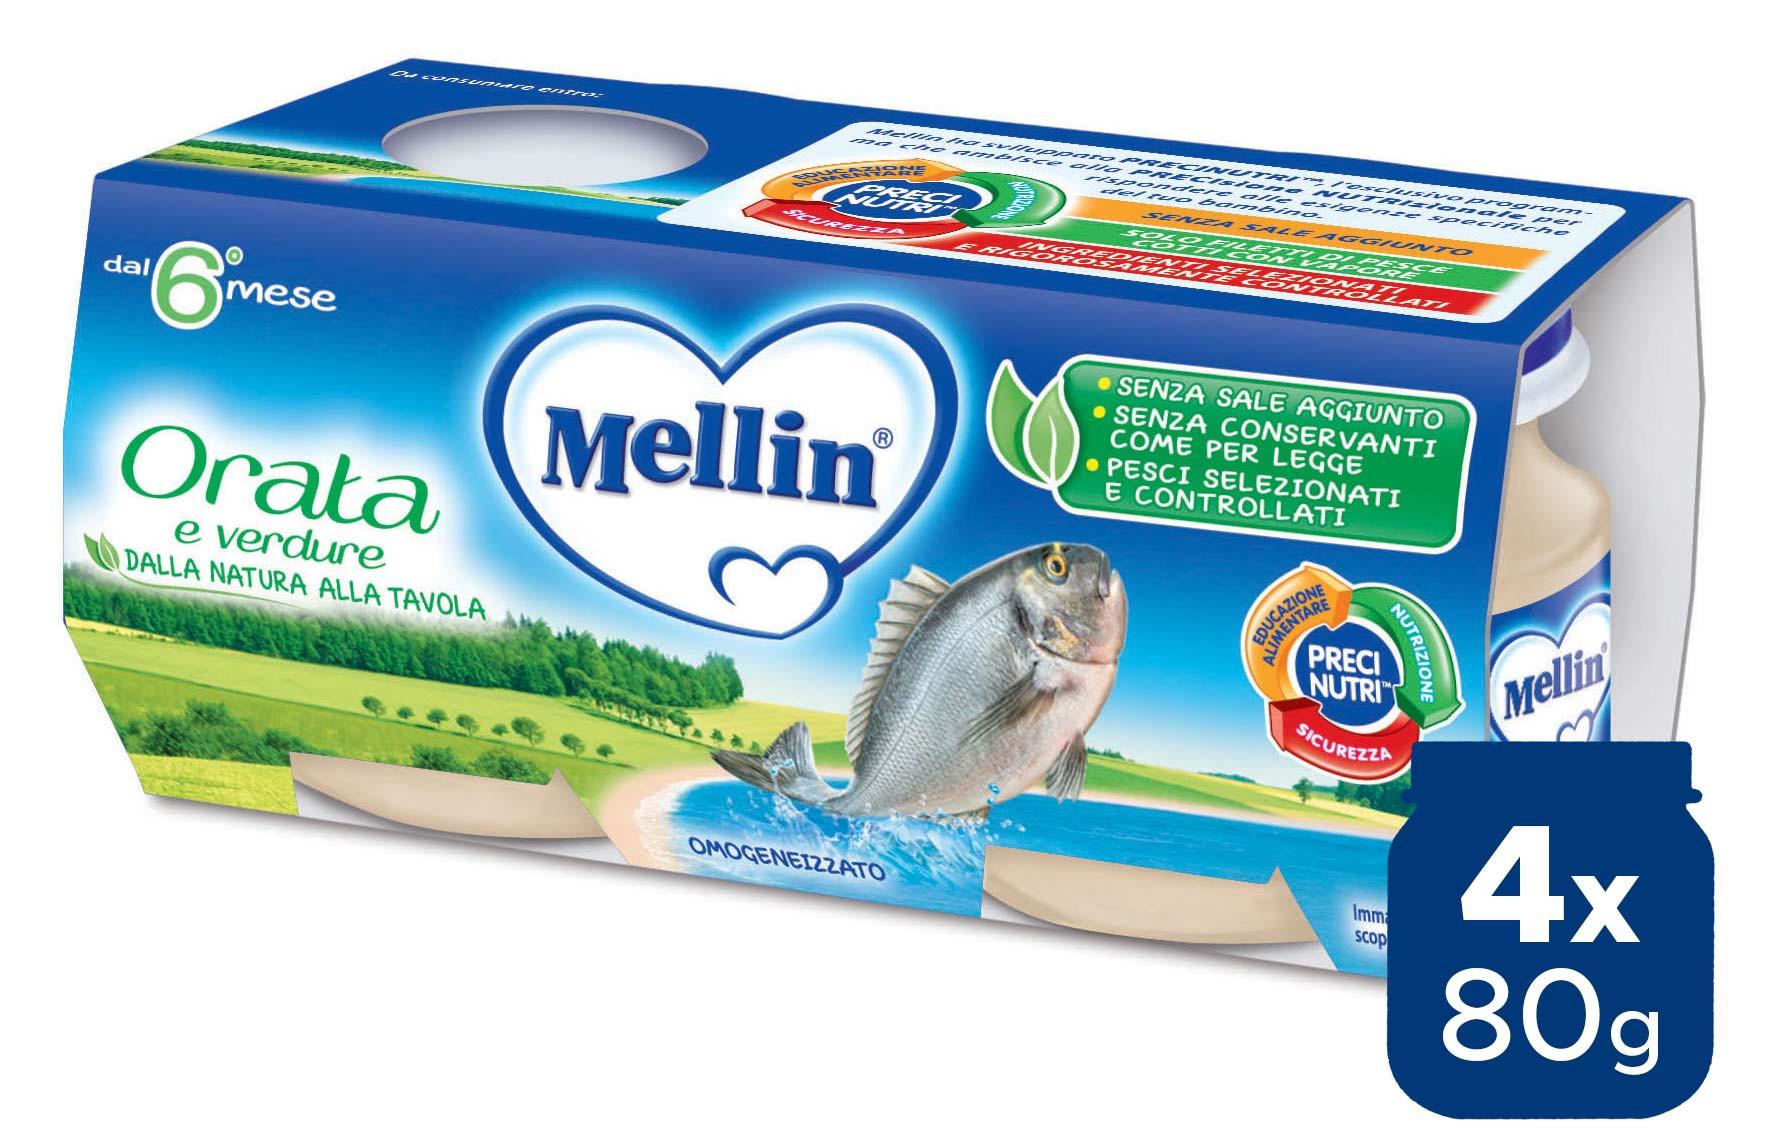 Omogeneizzato Orata Mellin - 4 x 80 g